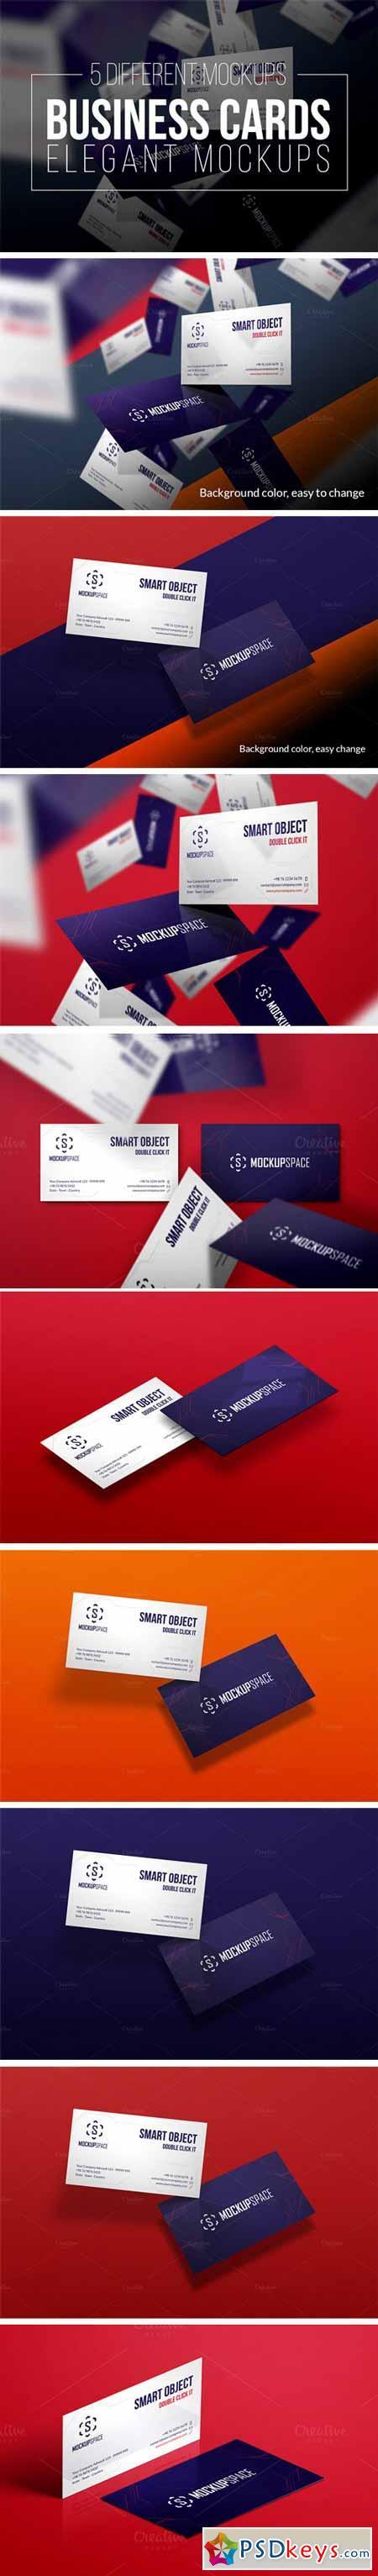 Business Cards - 5 Elegant Mockups 379521